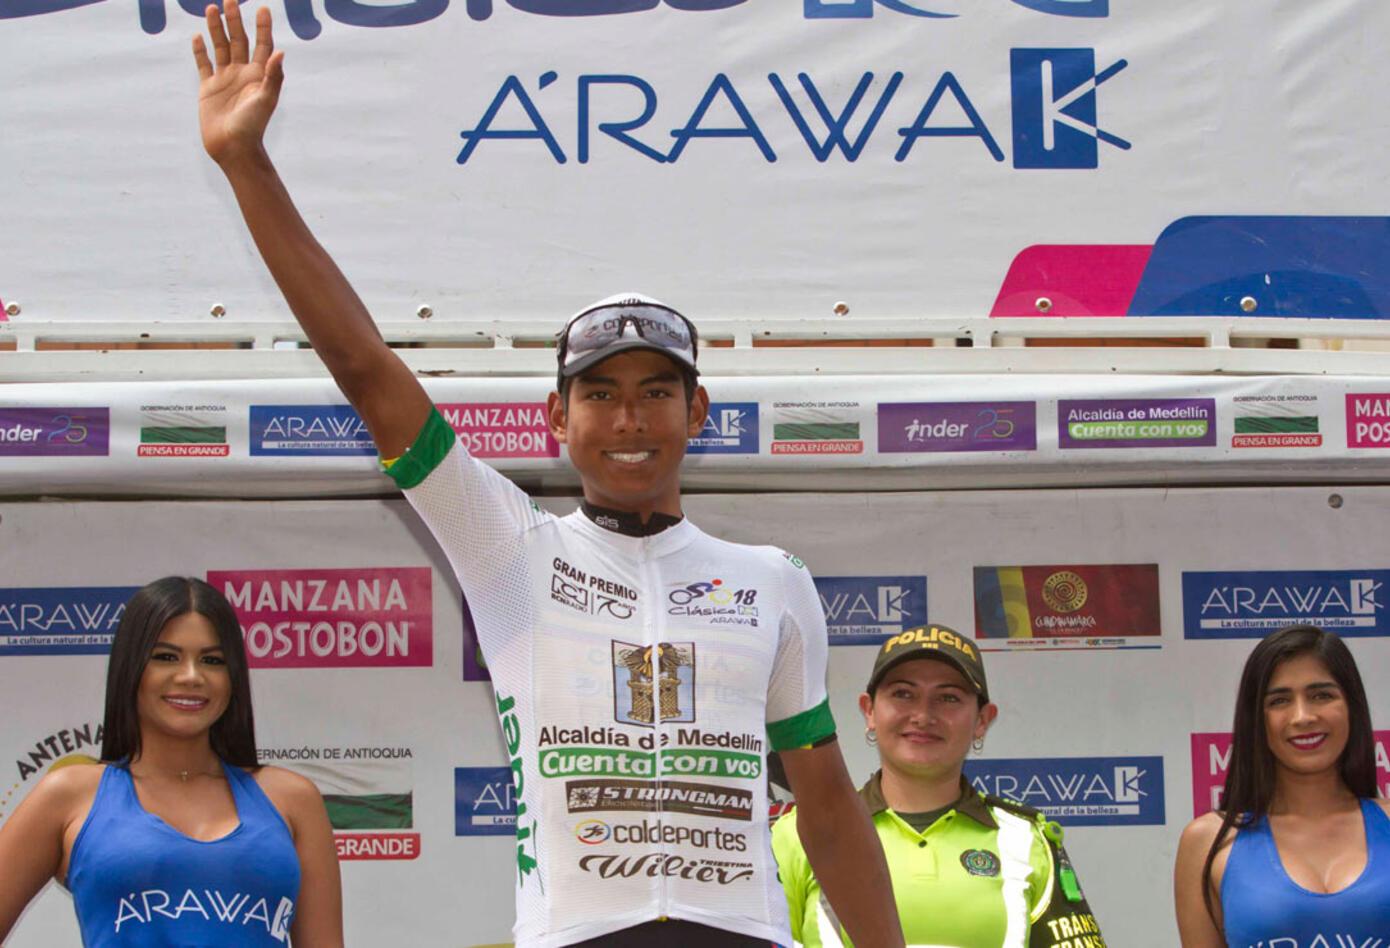 El Aguardiente Antioqueño Idea obtuvo el triunfo de la etapa en las piernas de Jaime Castañeda